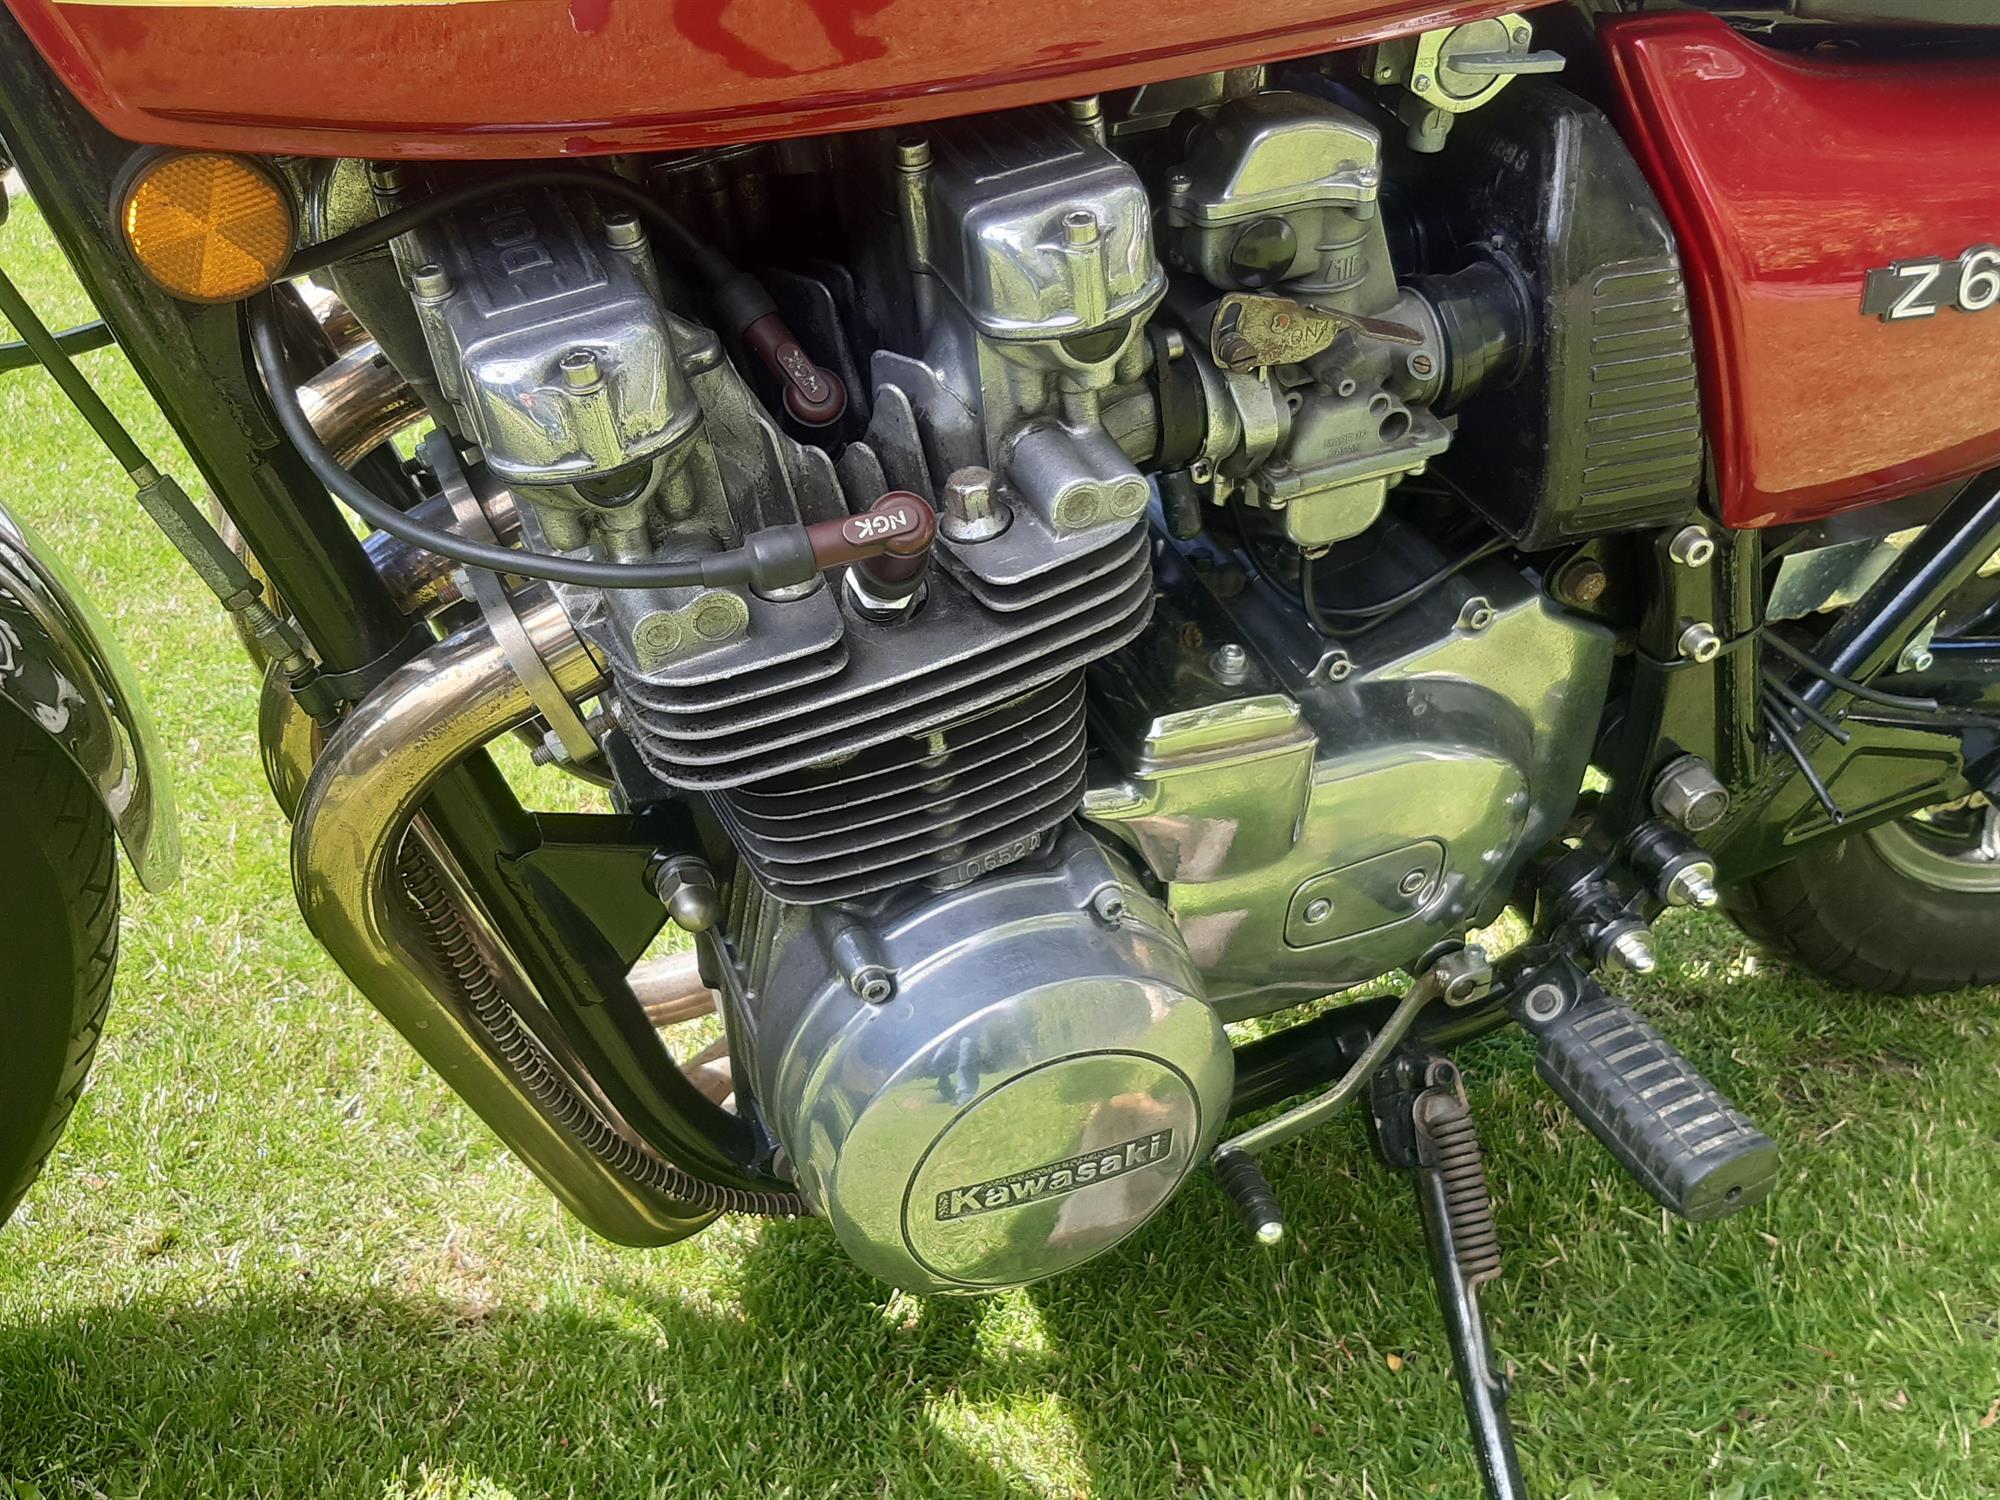 1979 Kawasaki Z650 - Image 8 of 10